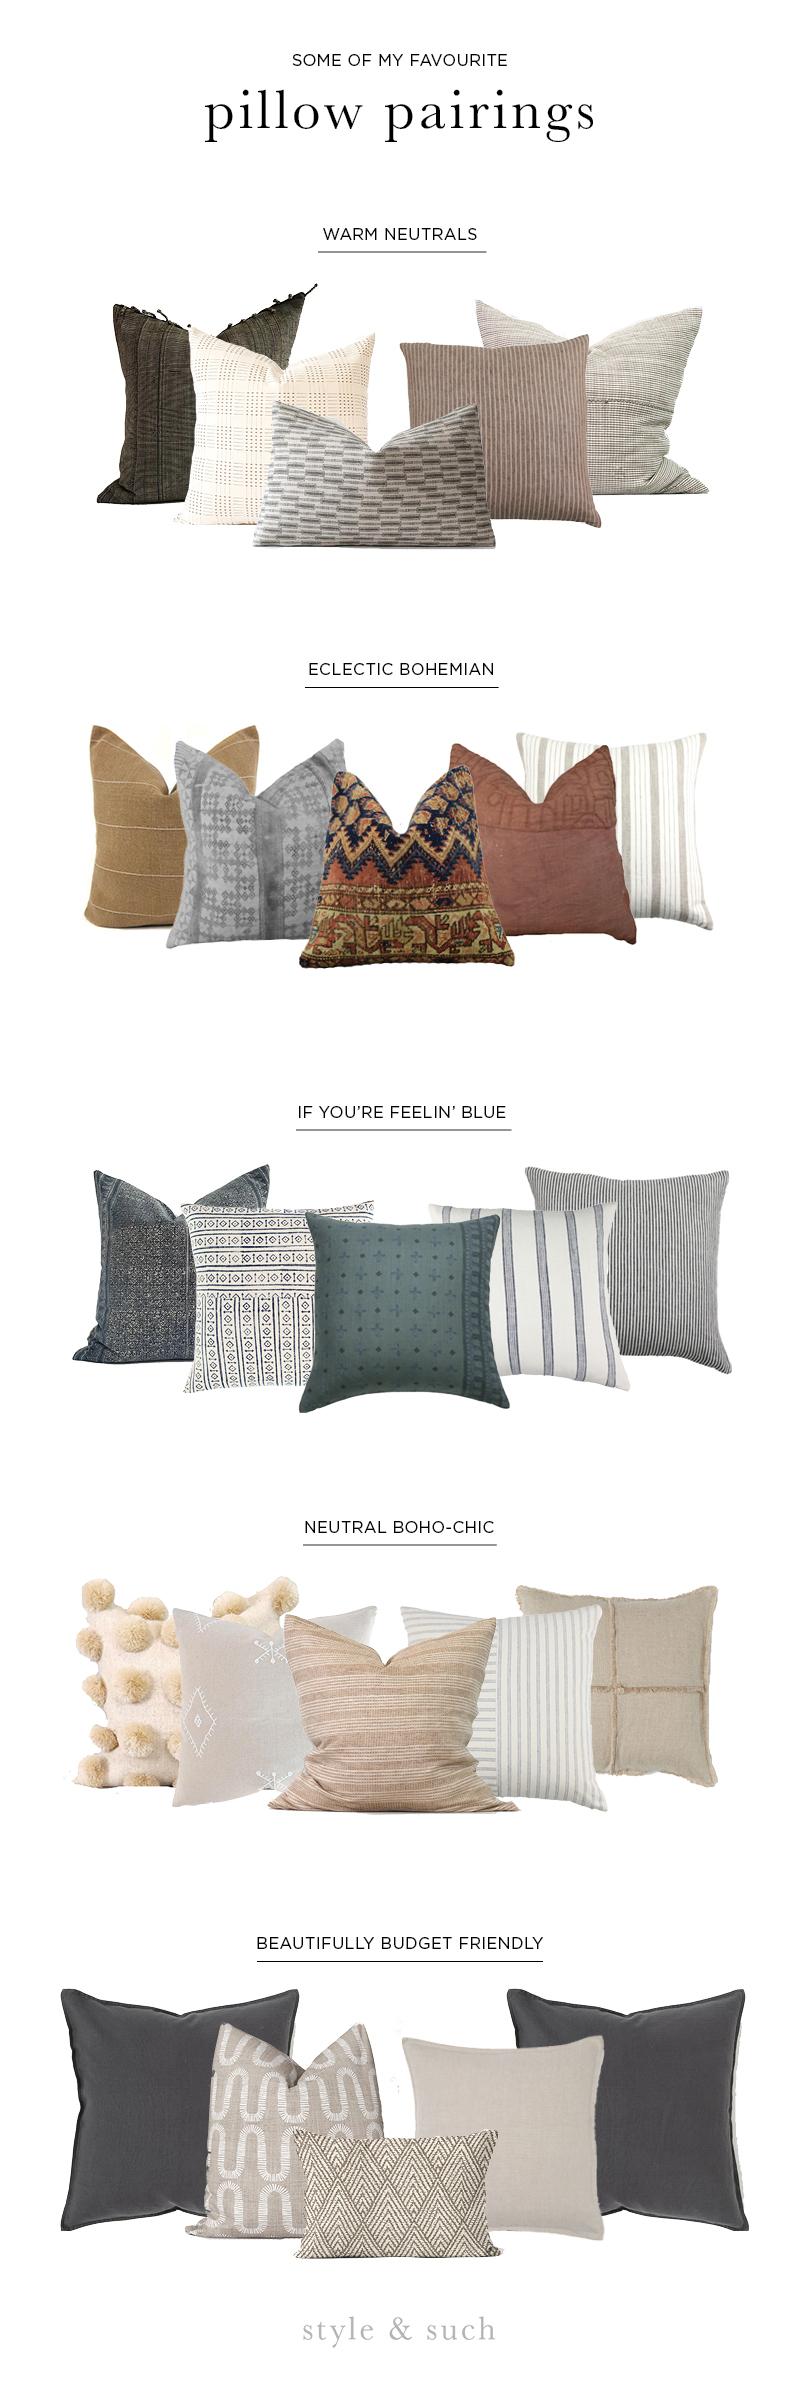 PillowPairings-Style&Such.jpg